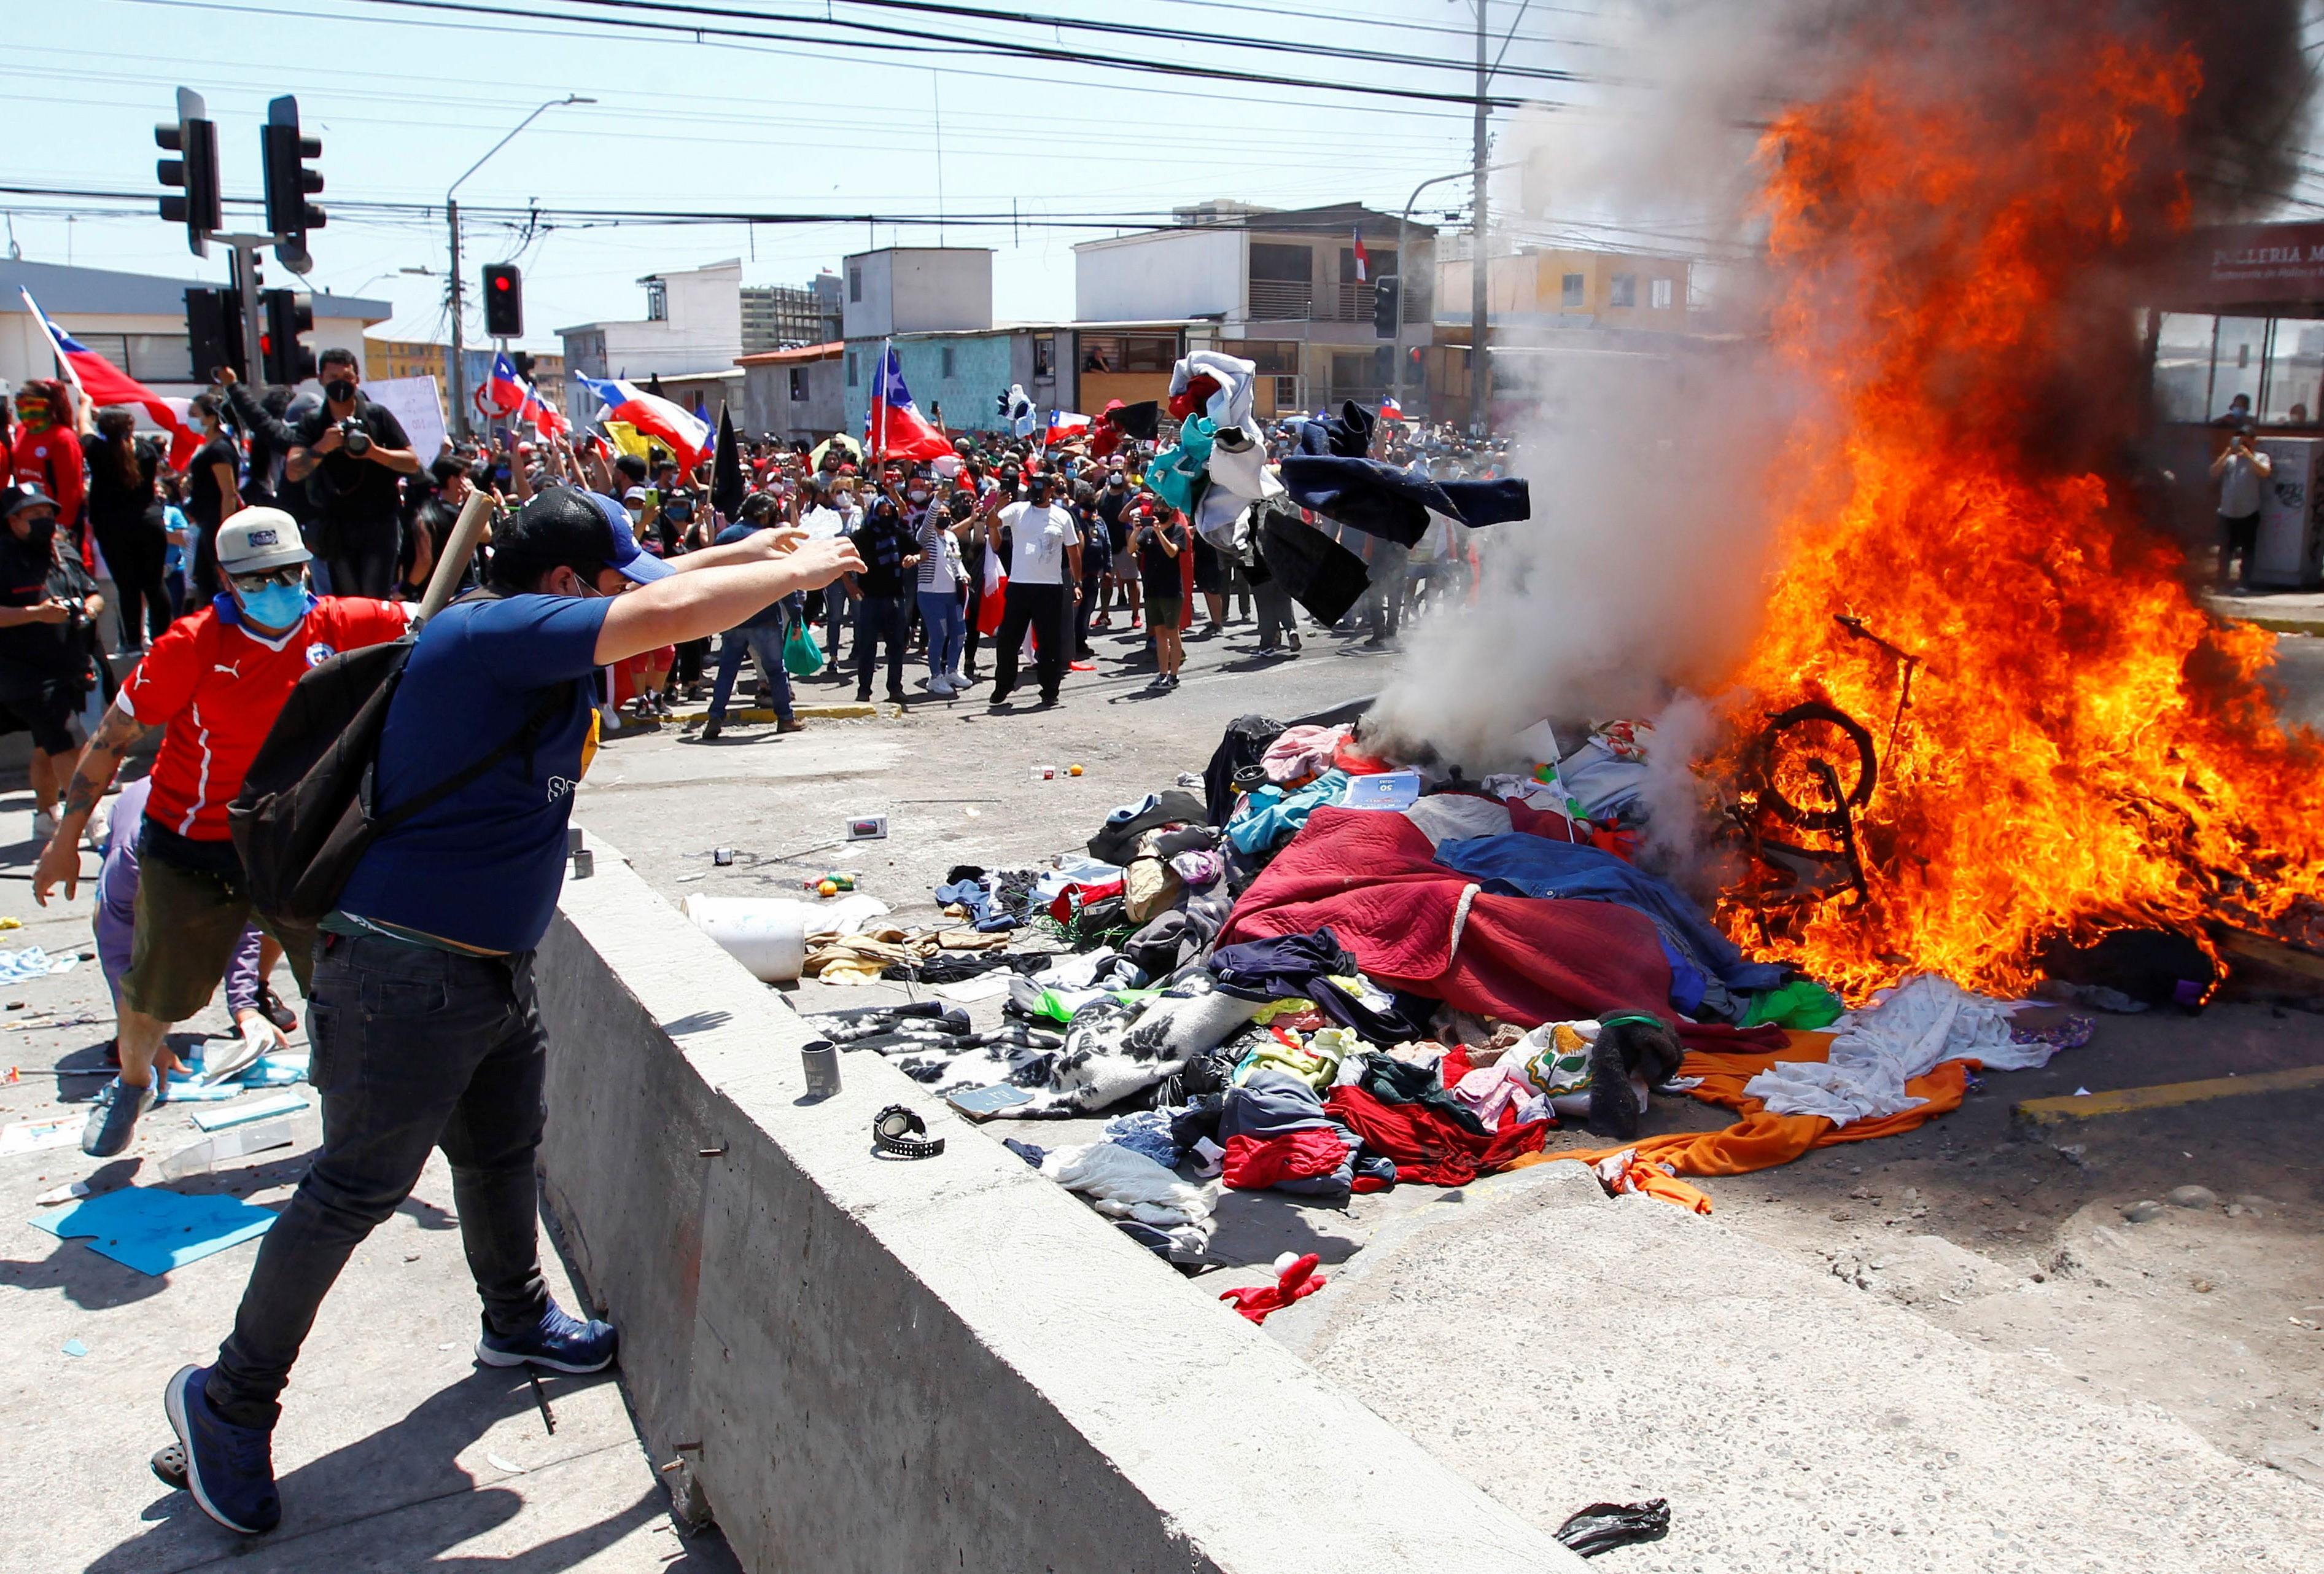 Chilenos protestam contra imigrantes e queimam pertences de venezuelanos